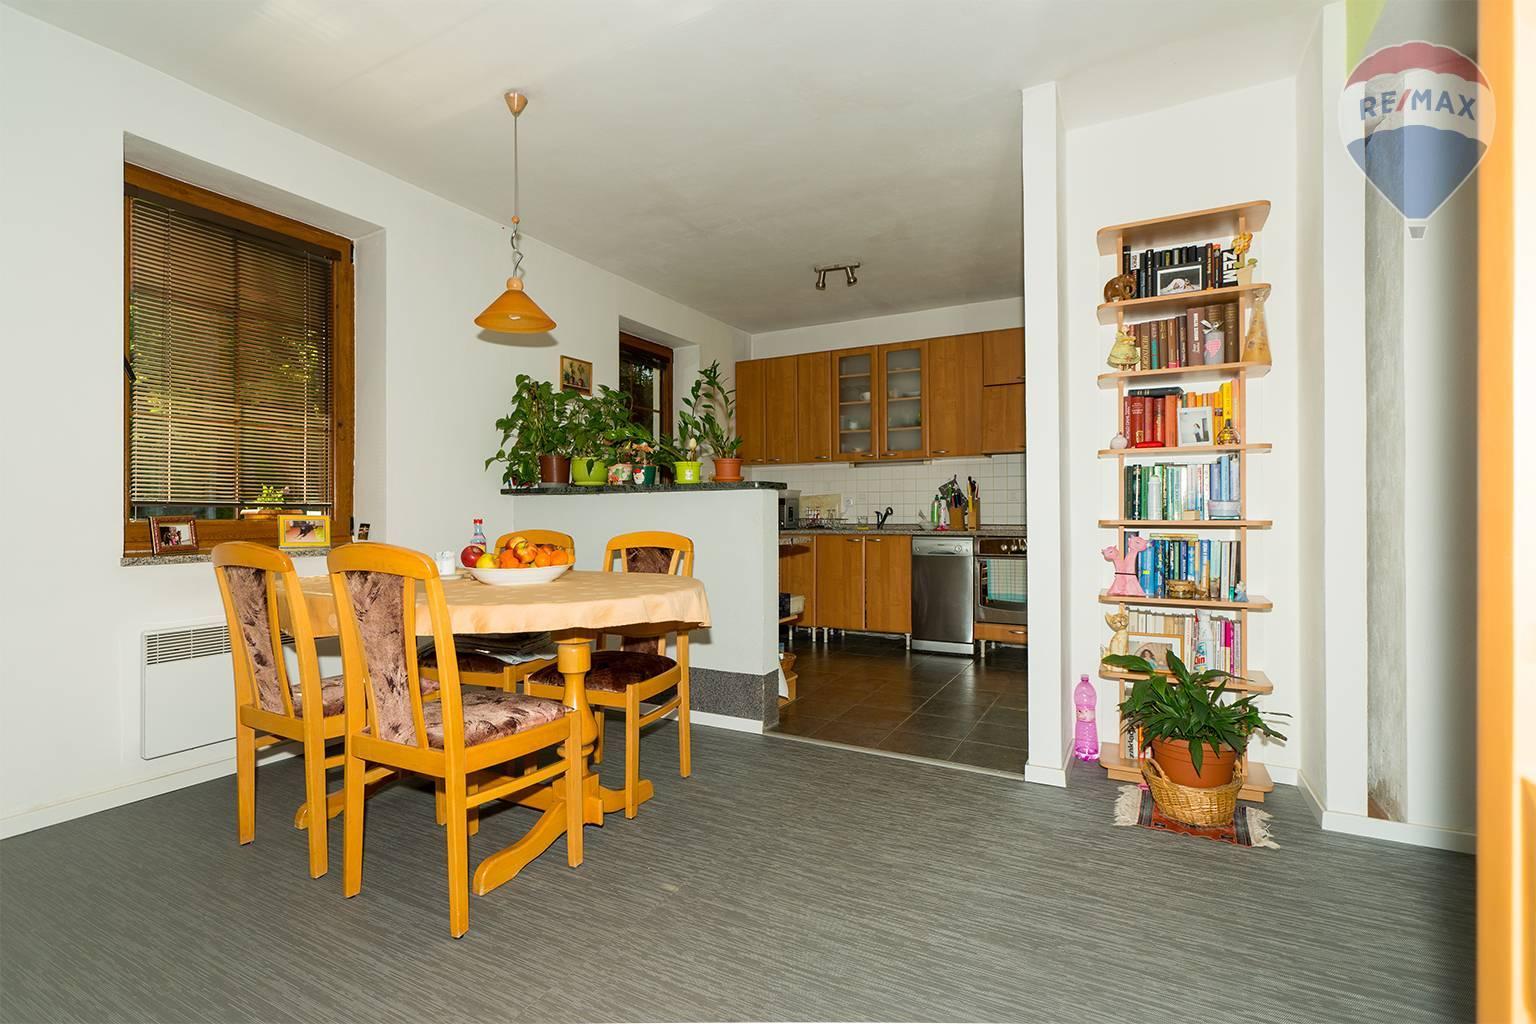 Predaj domu 136 m2, Liptovský Mikuláš - jedáleň